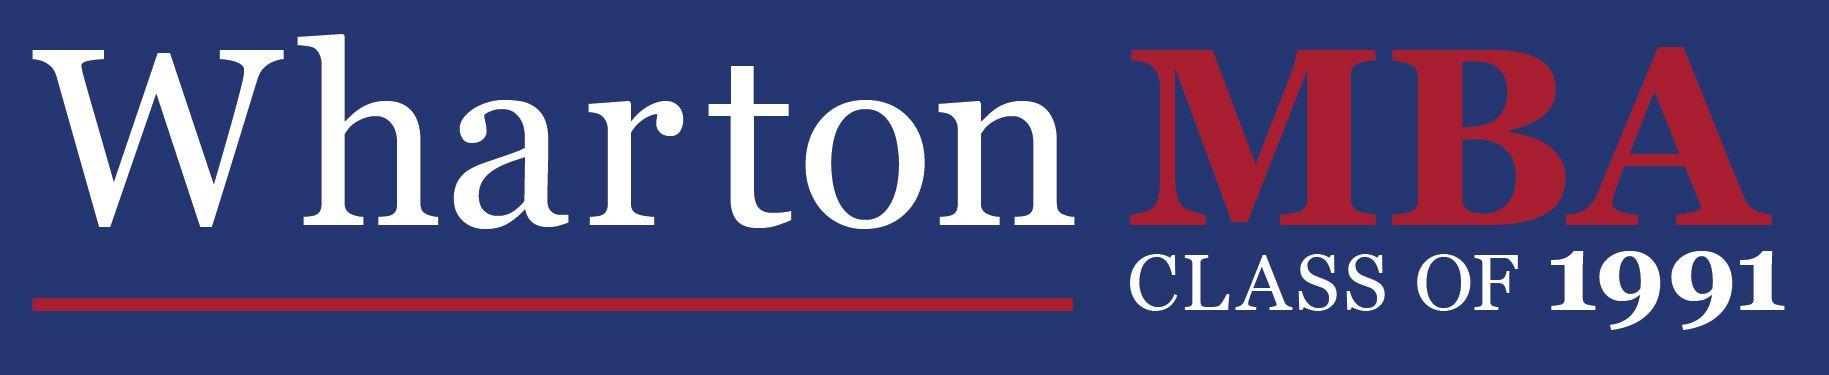 WG'91 Wharton